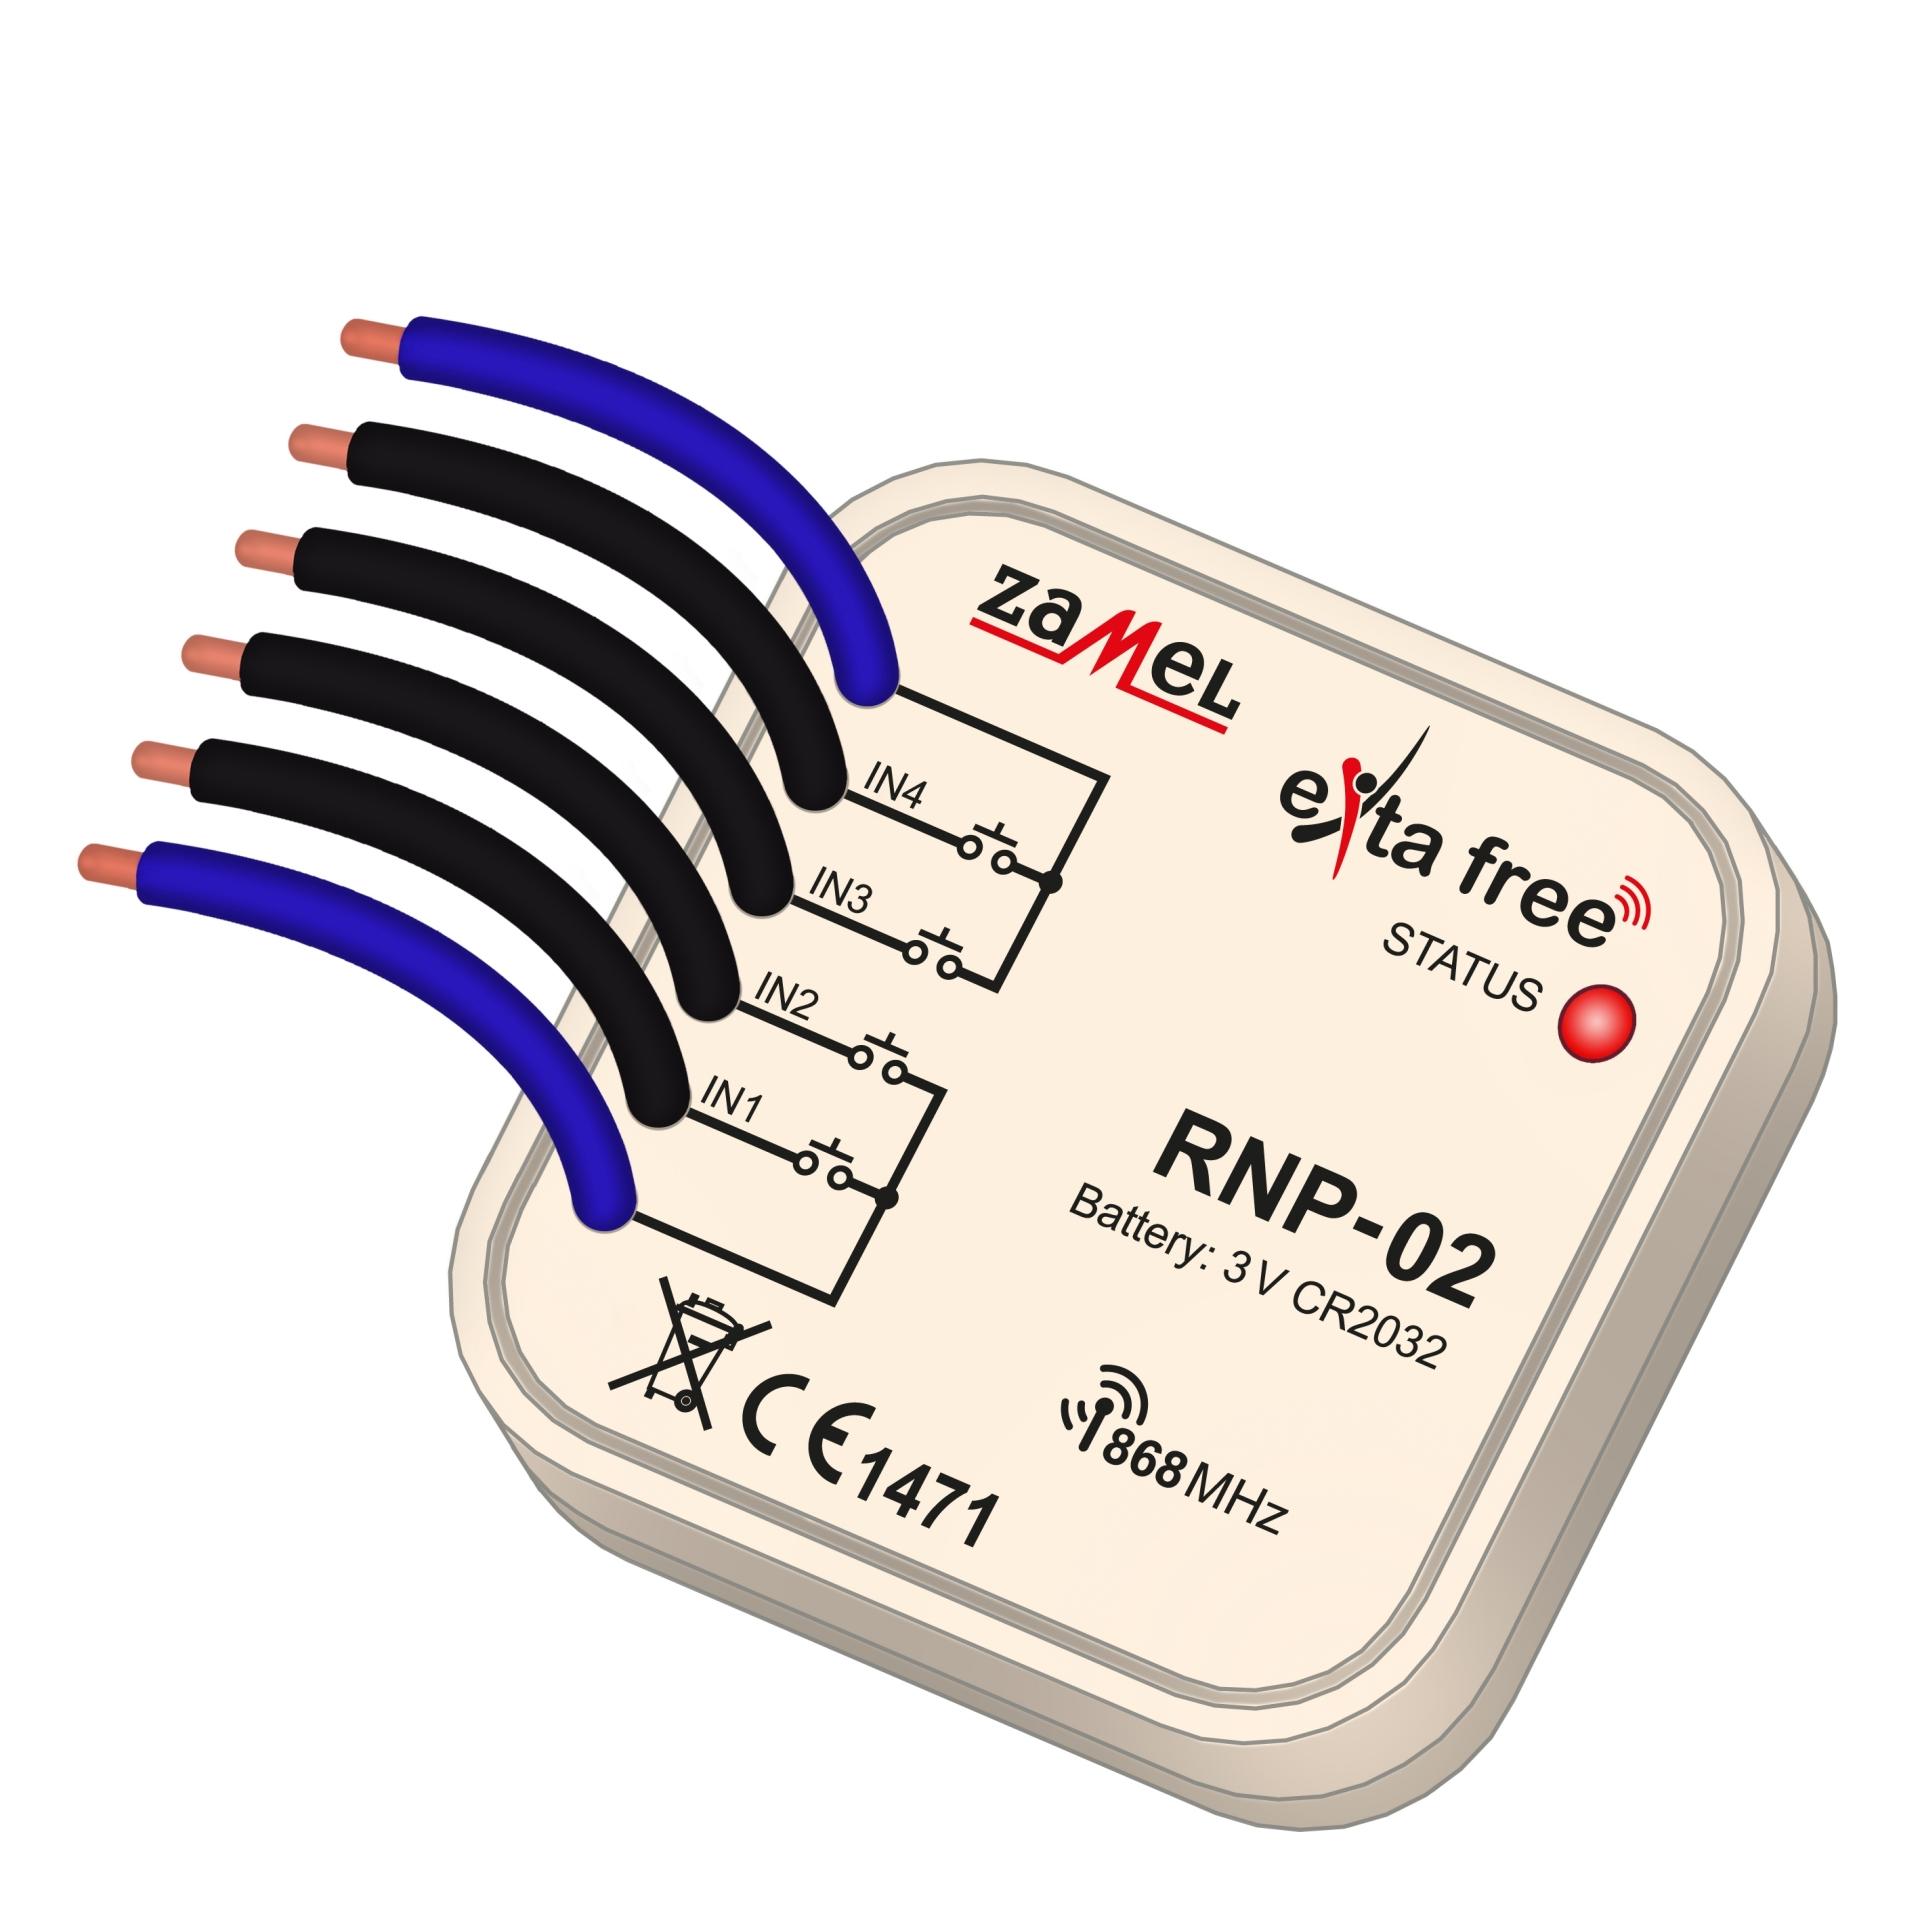 rádiový vysílač krabicový